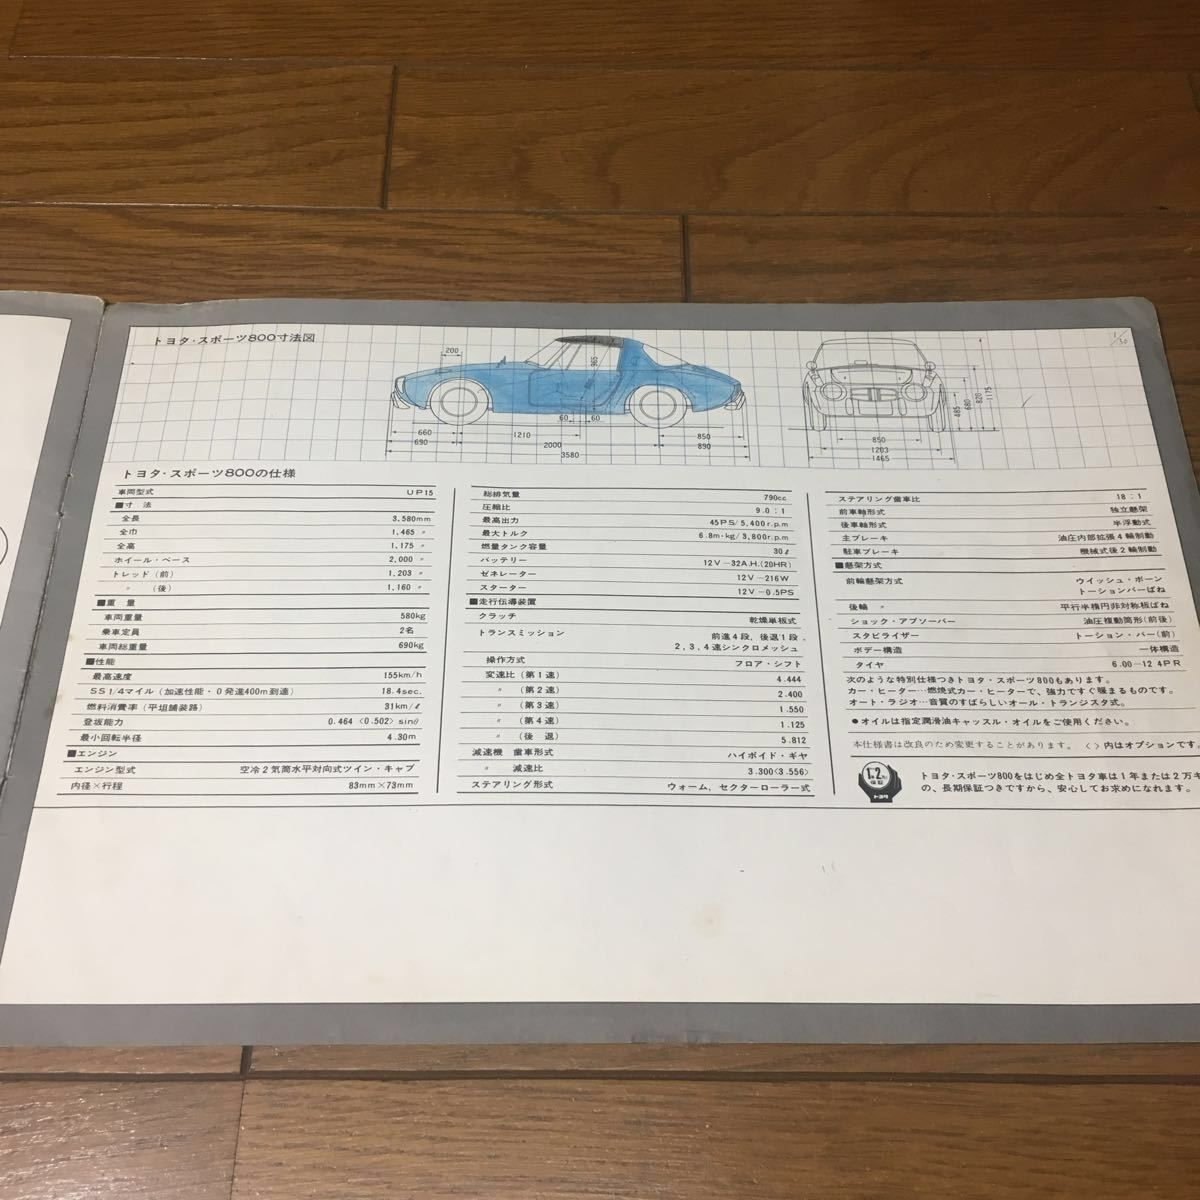 復刻版ではございません 絶版 旧車カタログ トヨタ スポーツ800 ヨタハチ 当時物 昭和 希少 貴重 美品_画像8